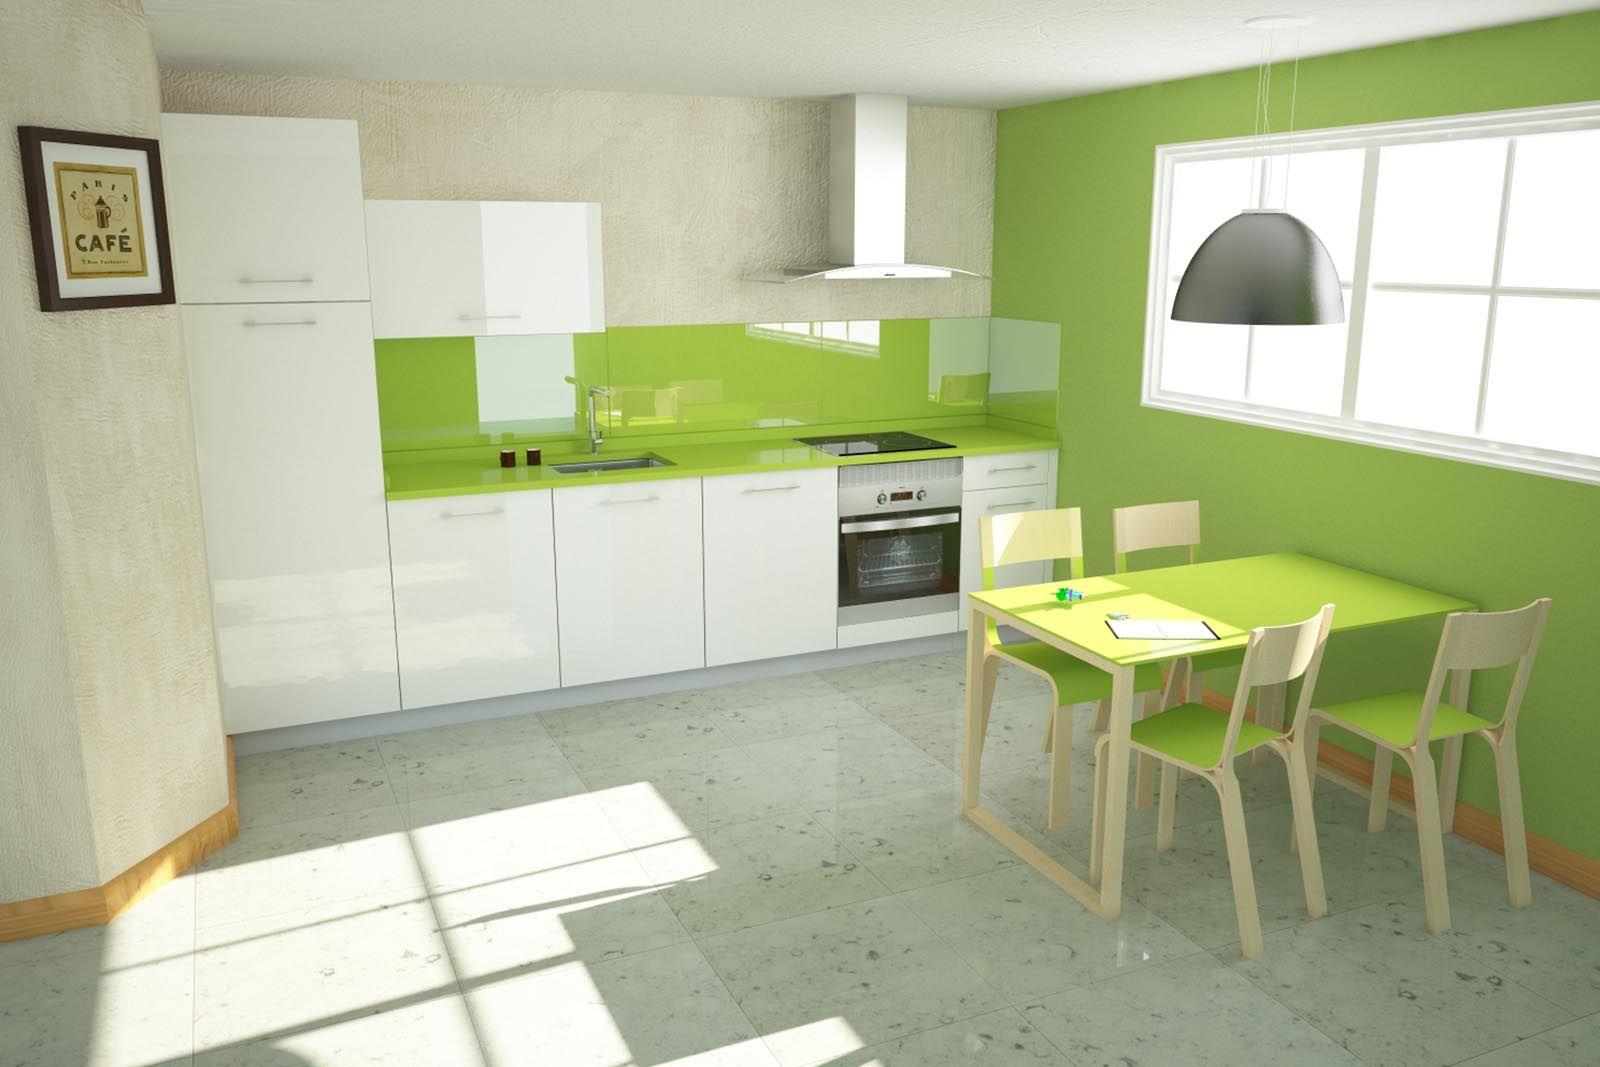 Cocina Completa Montada En Casa Con Electrodomesticos